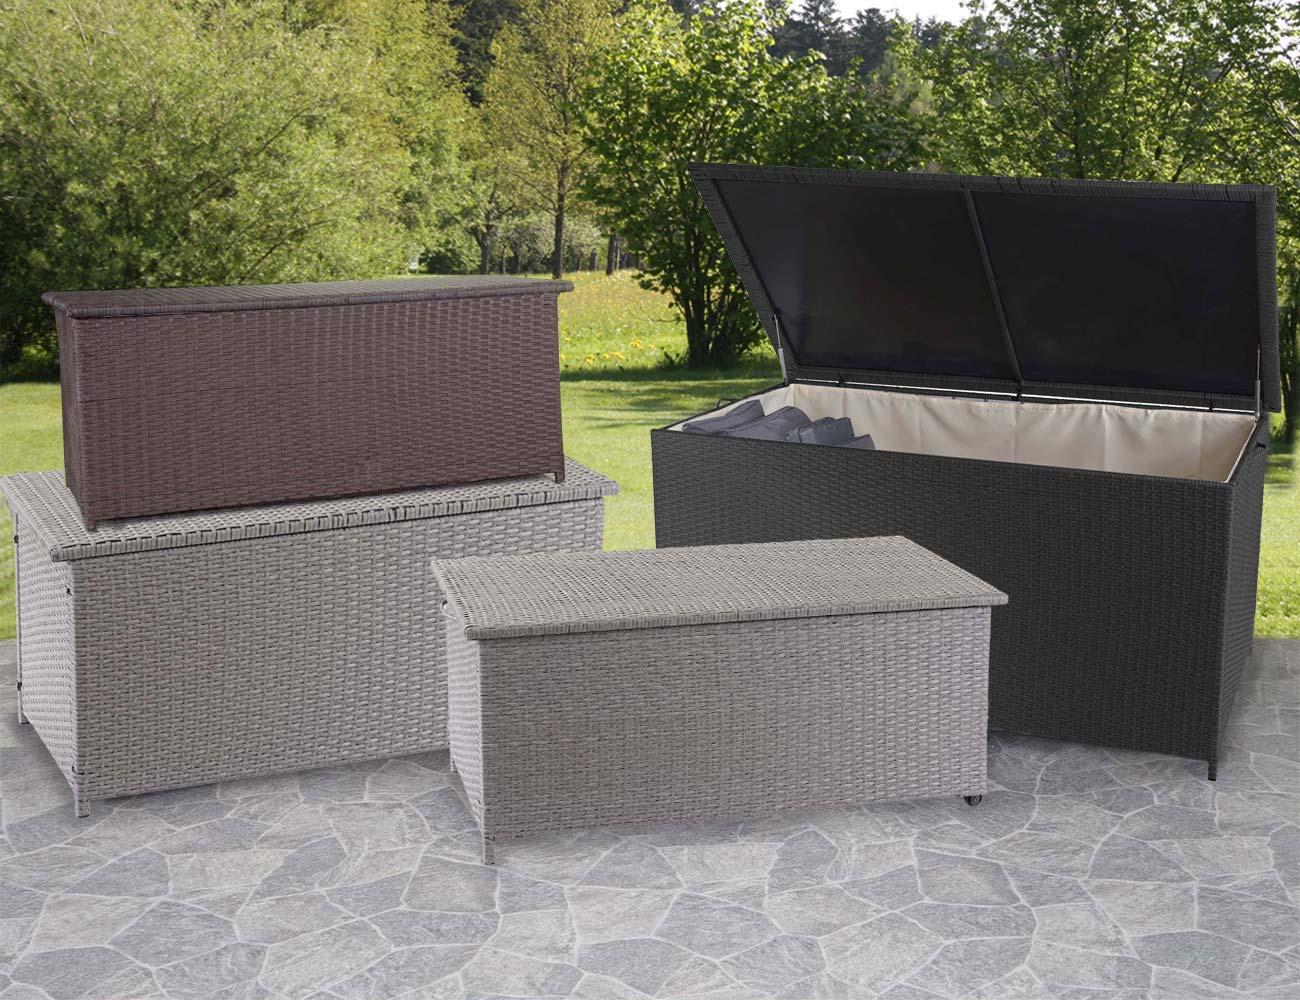 Mendler Poly-Rattan Kissenbox HWC-D88, Gartentruhe Auflagenbox Truhe ~ Variantenangebot 64570